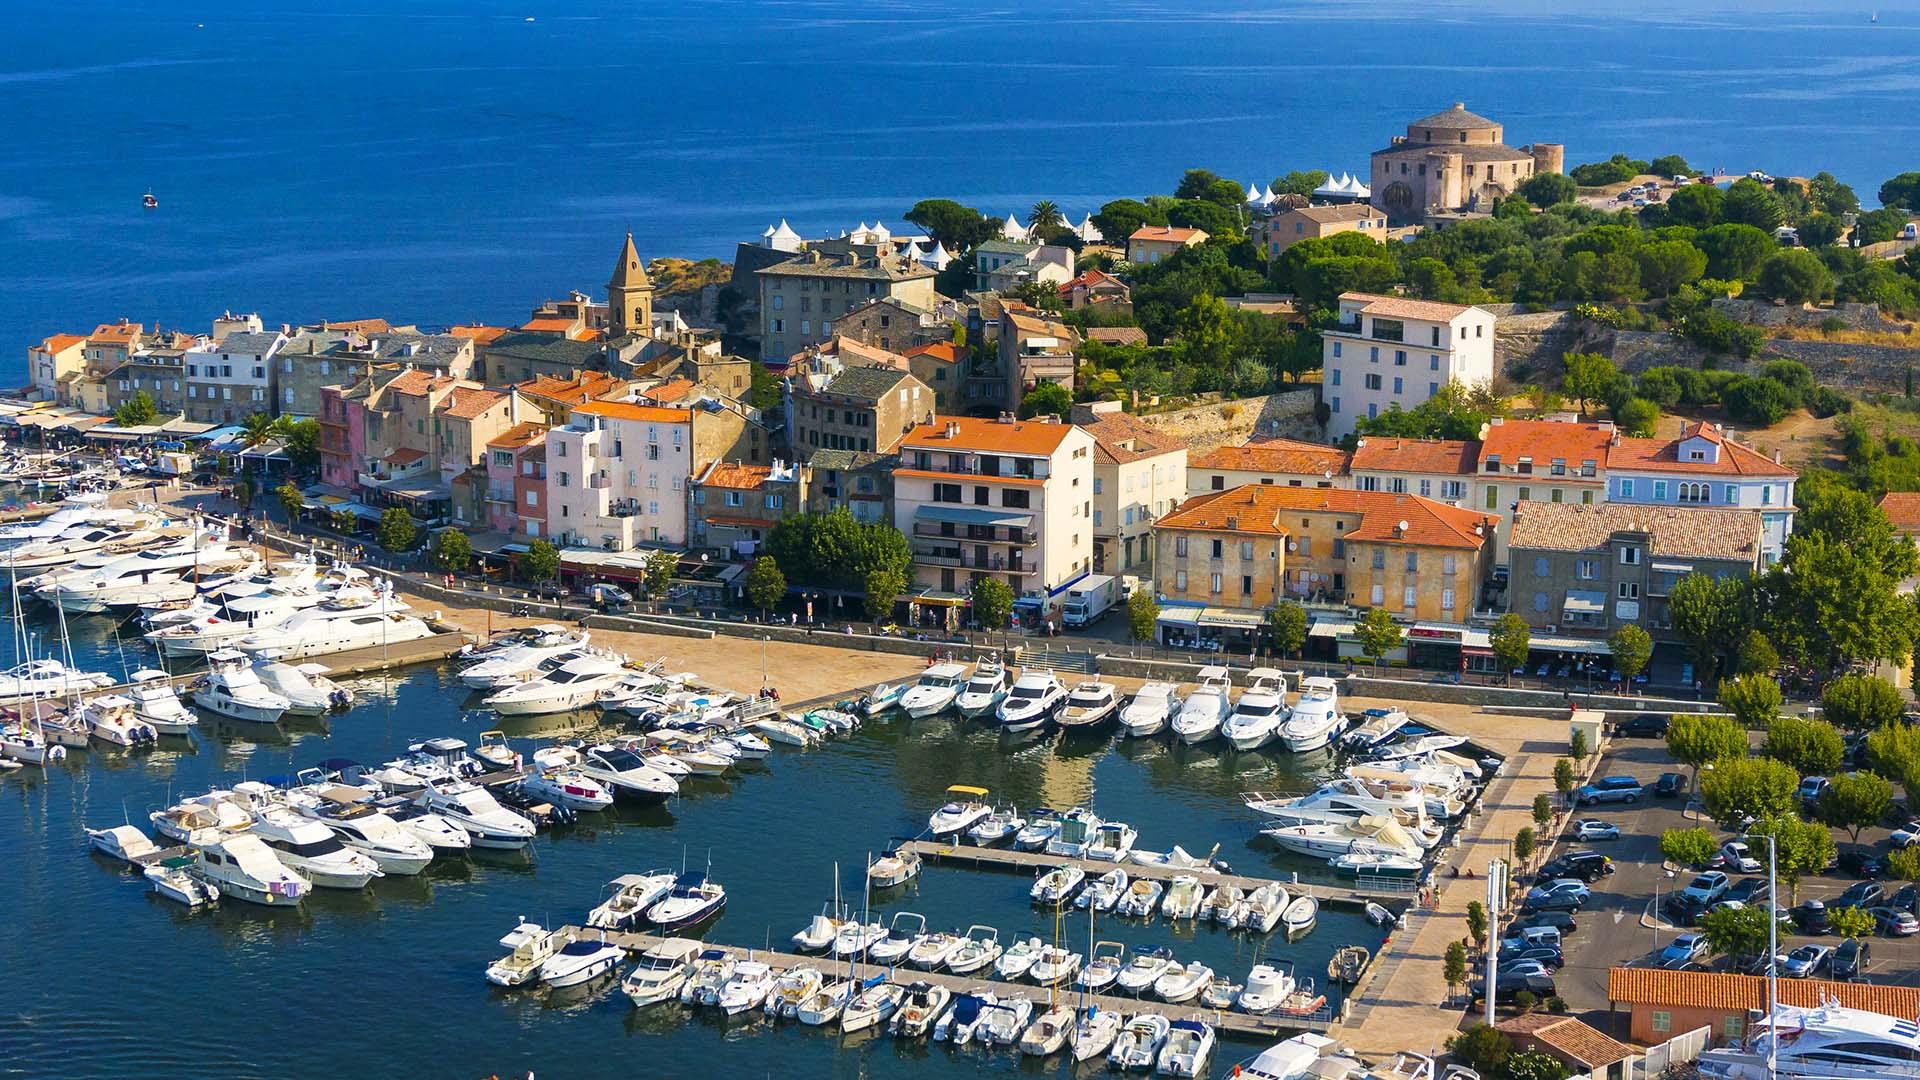 Сен-Флоран: Между заливом и крепостью